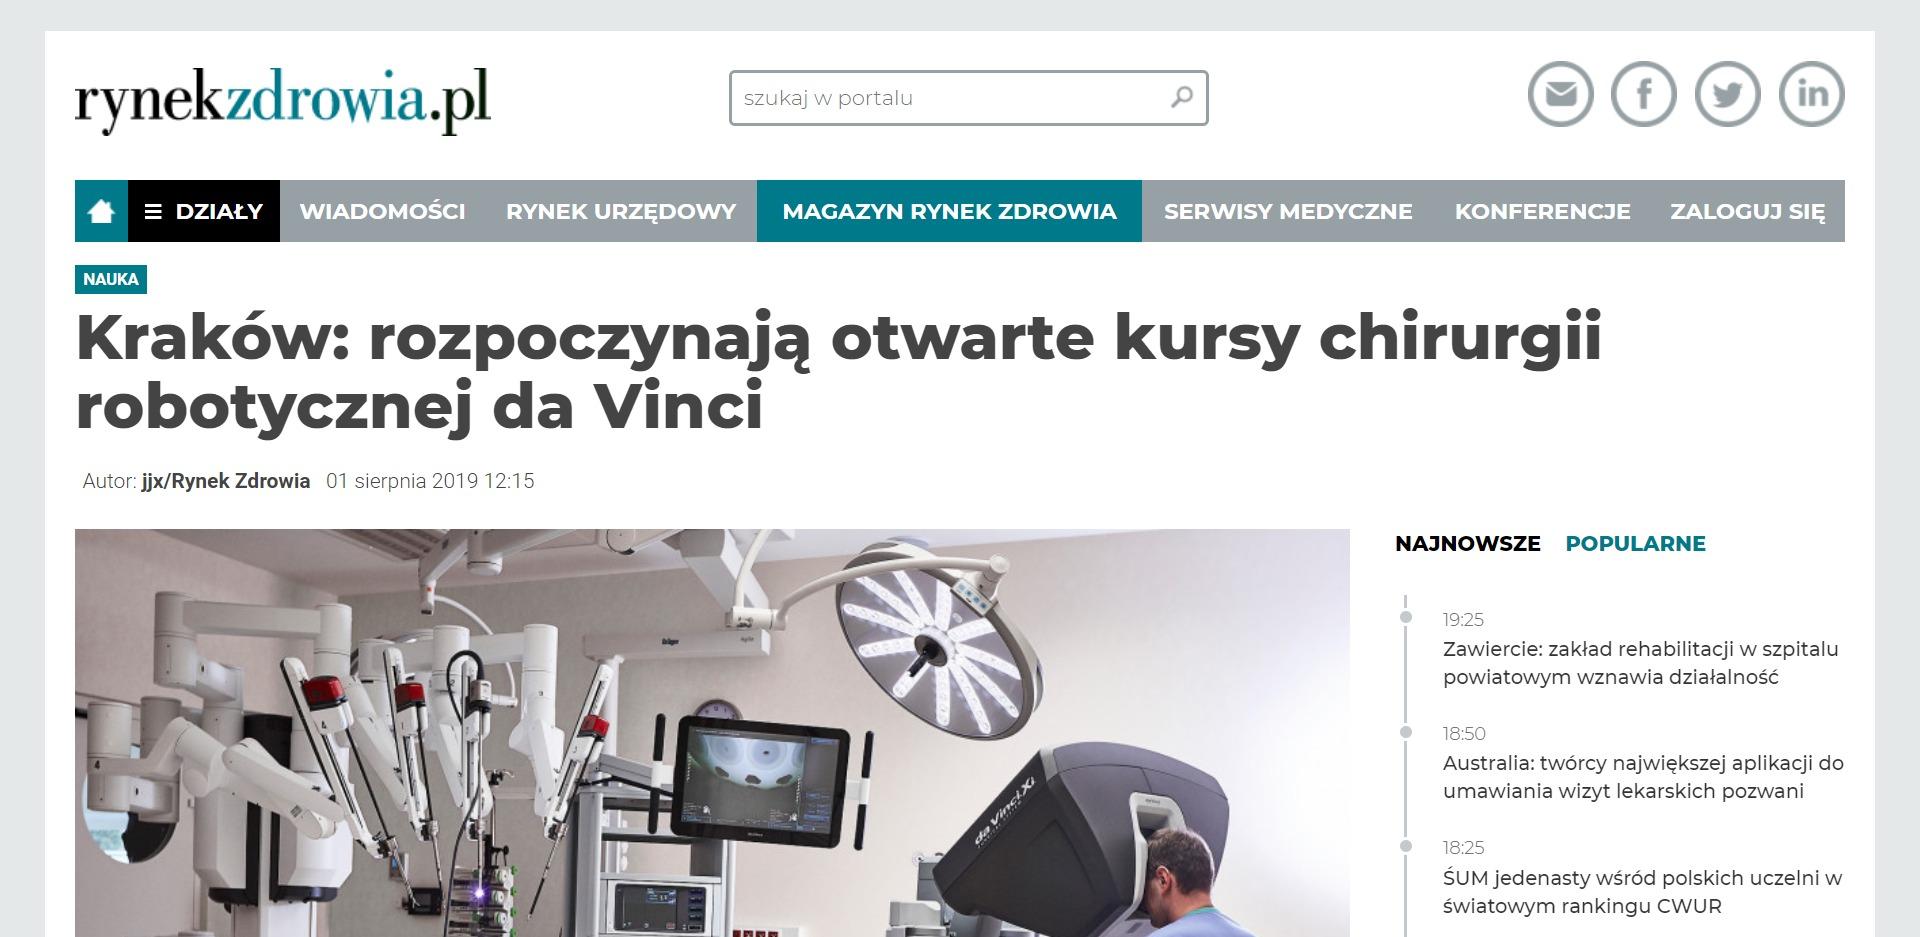 Kraków rozpoczynają otwarte kursy chirurgii robotycznej da Vinci